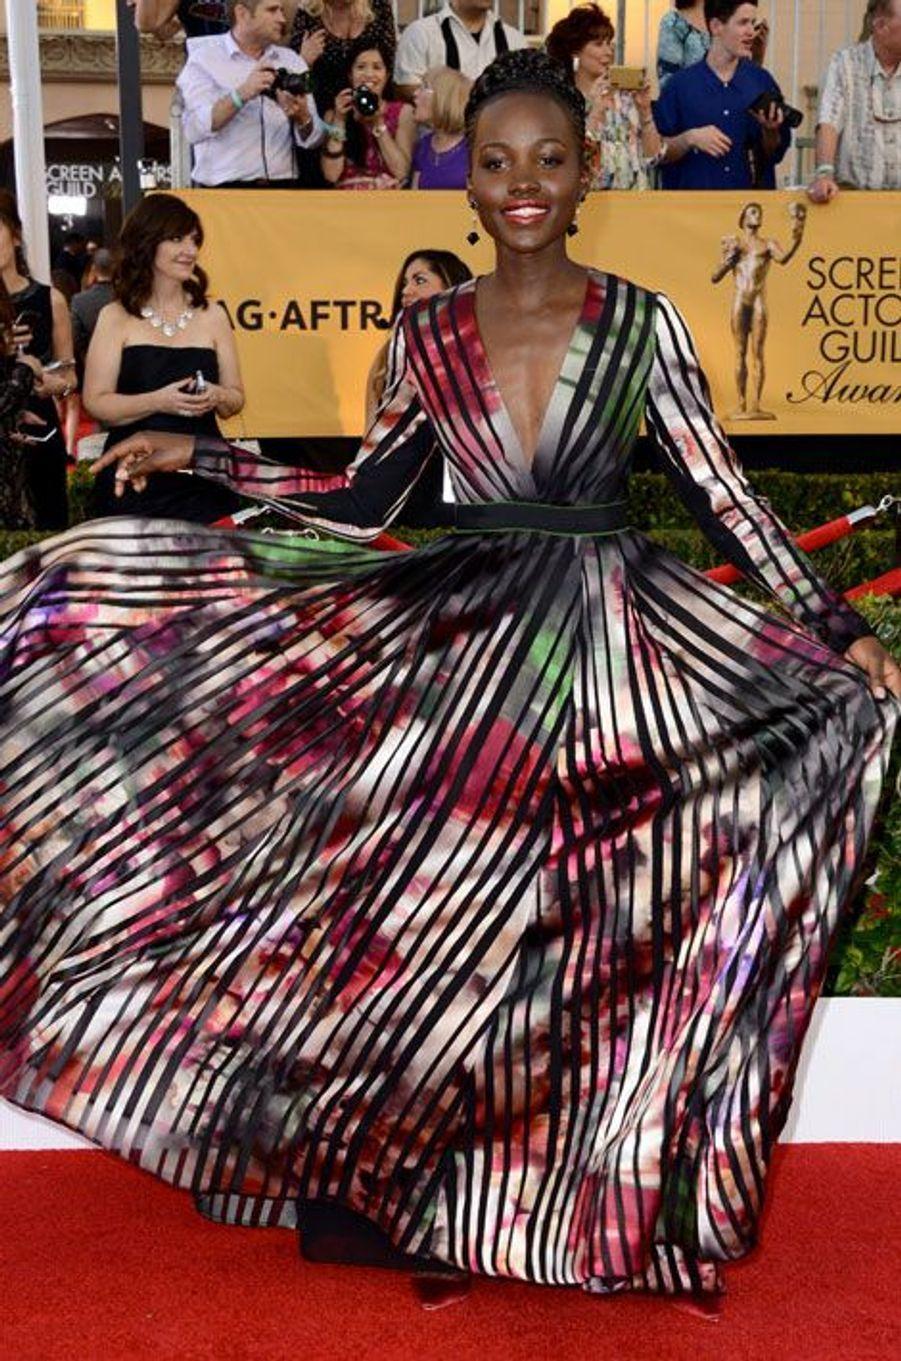 L'actrice Lupita Nyong'o en Elie Saab lors de la cérémonie des Actors Guild Awards à Los Angeles, le 25 janvier 2015